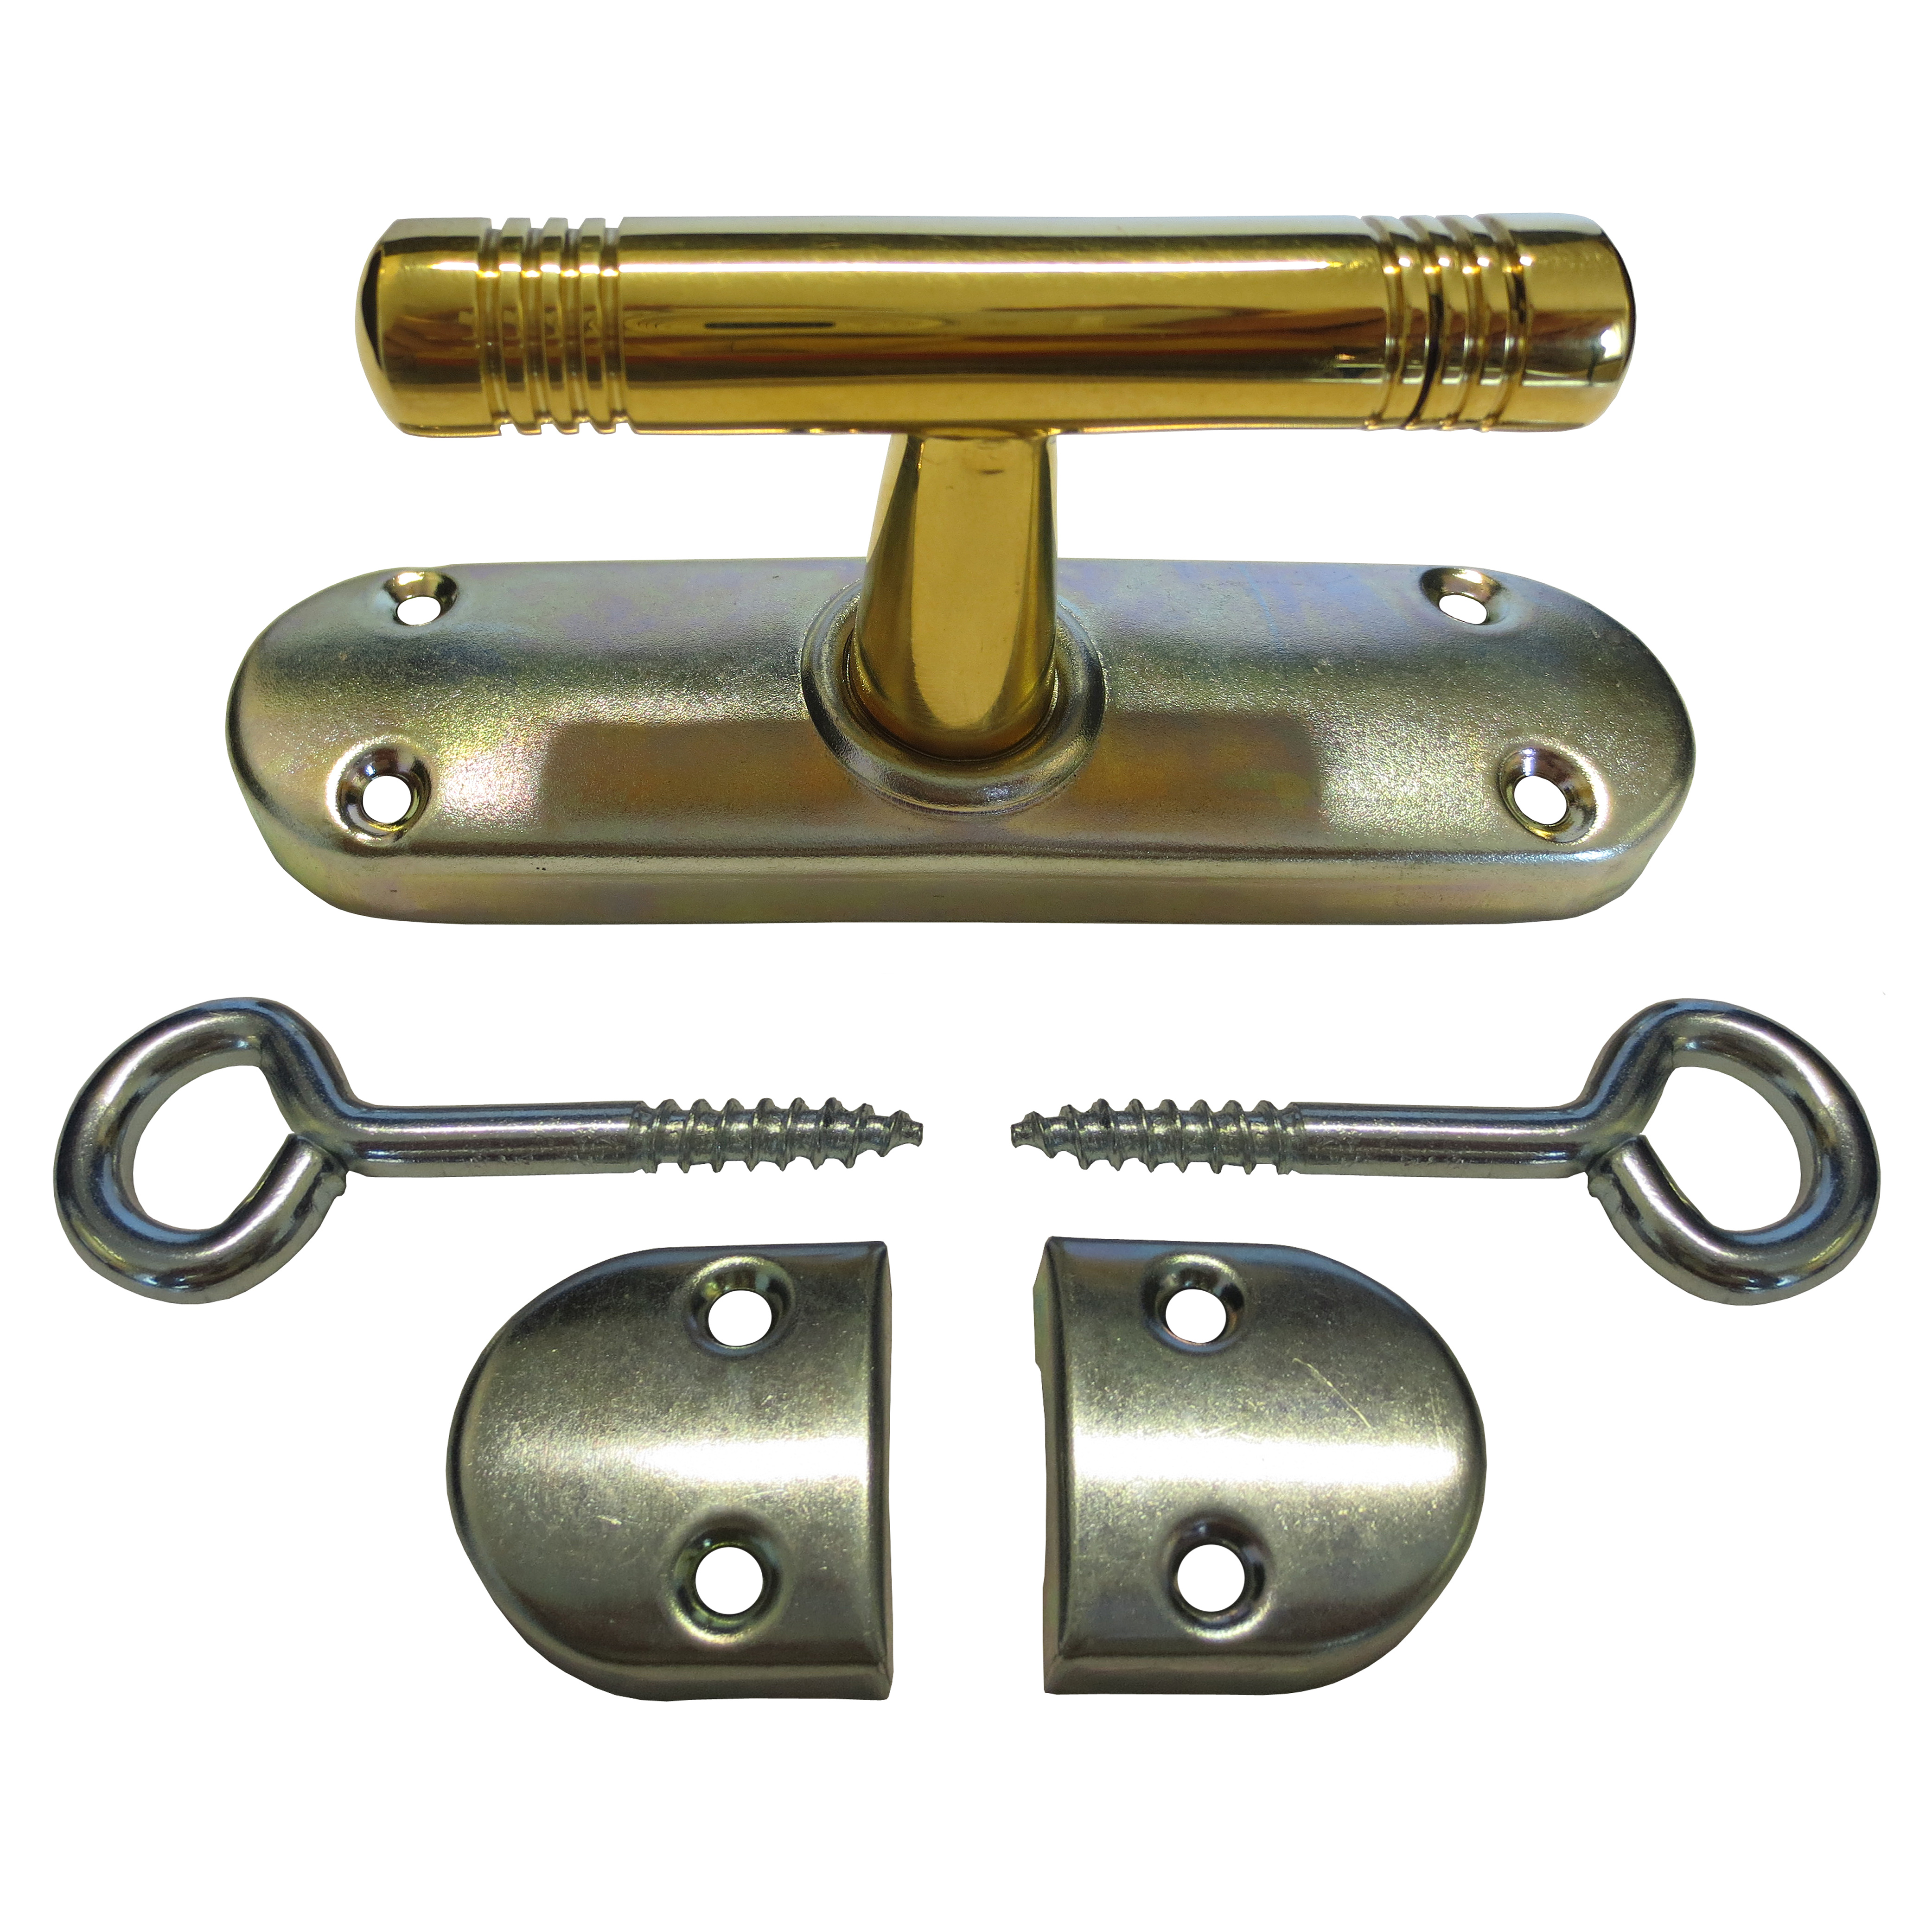 430.0012.35 Aufliegendes Fenstergetriebe  Jugendstil, mit T-Ololive und 1/2 Drehung , ohne Zunge , ohne Stangen